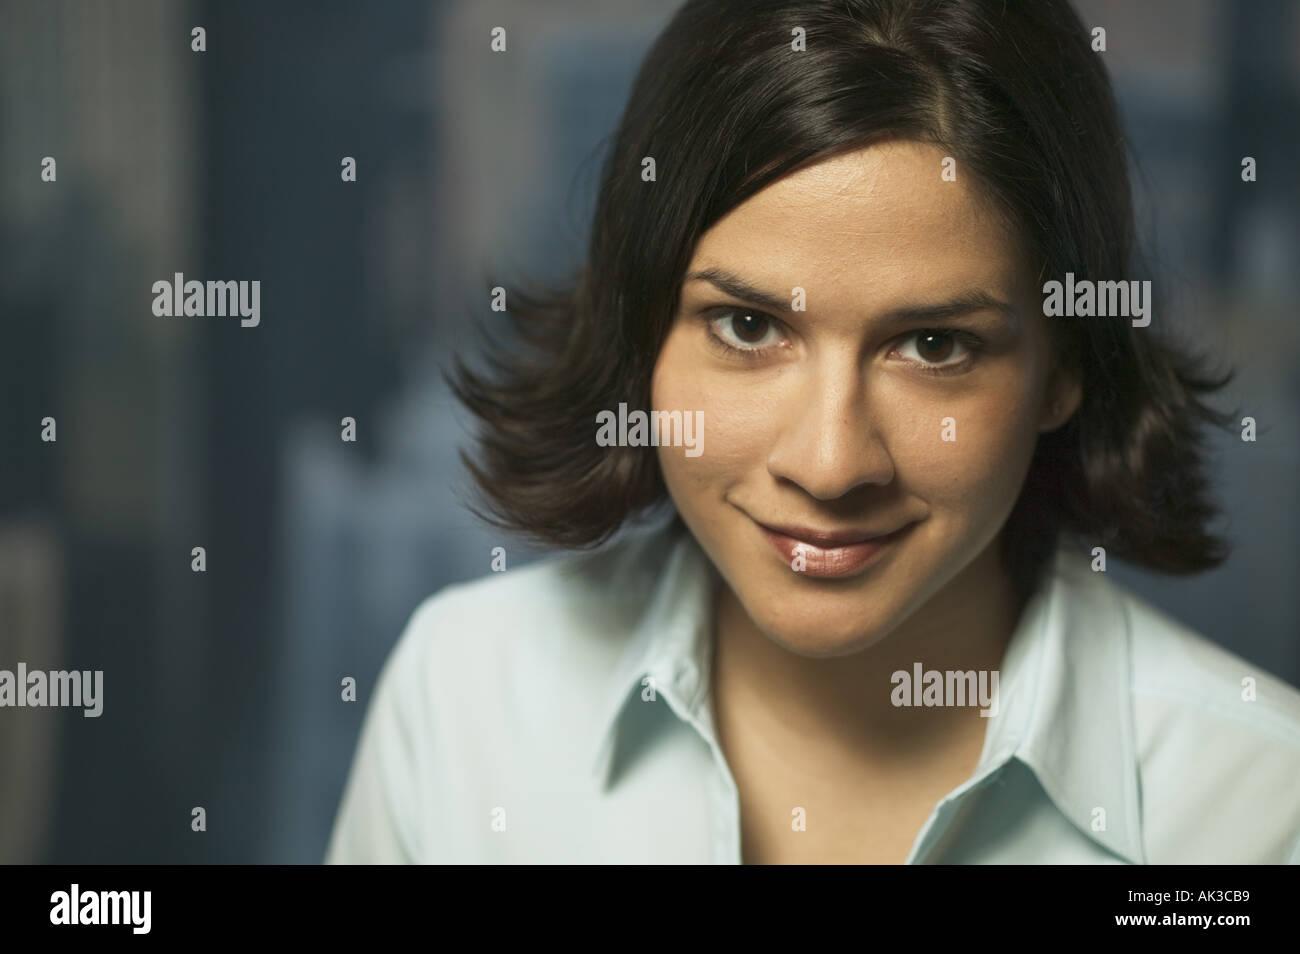 Retrato de una joven mujer de carrera Foto de stock